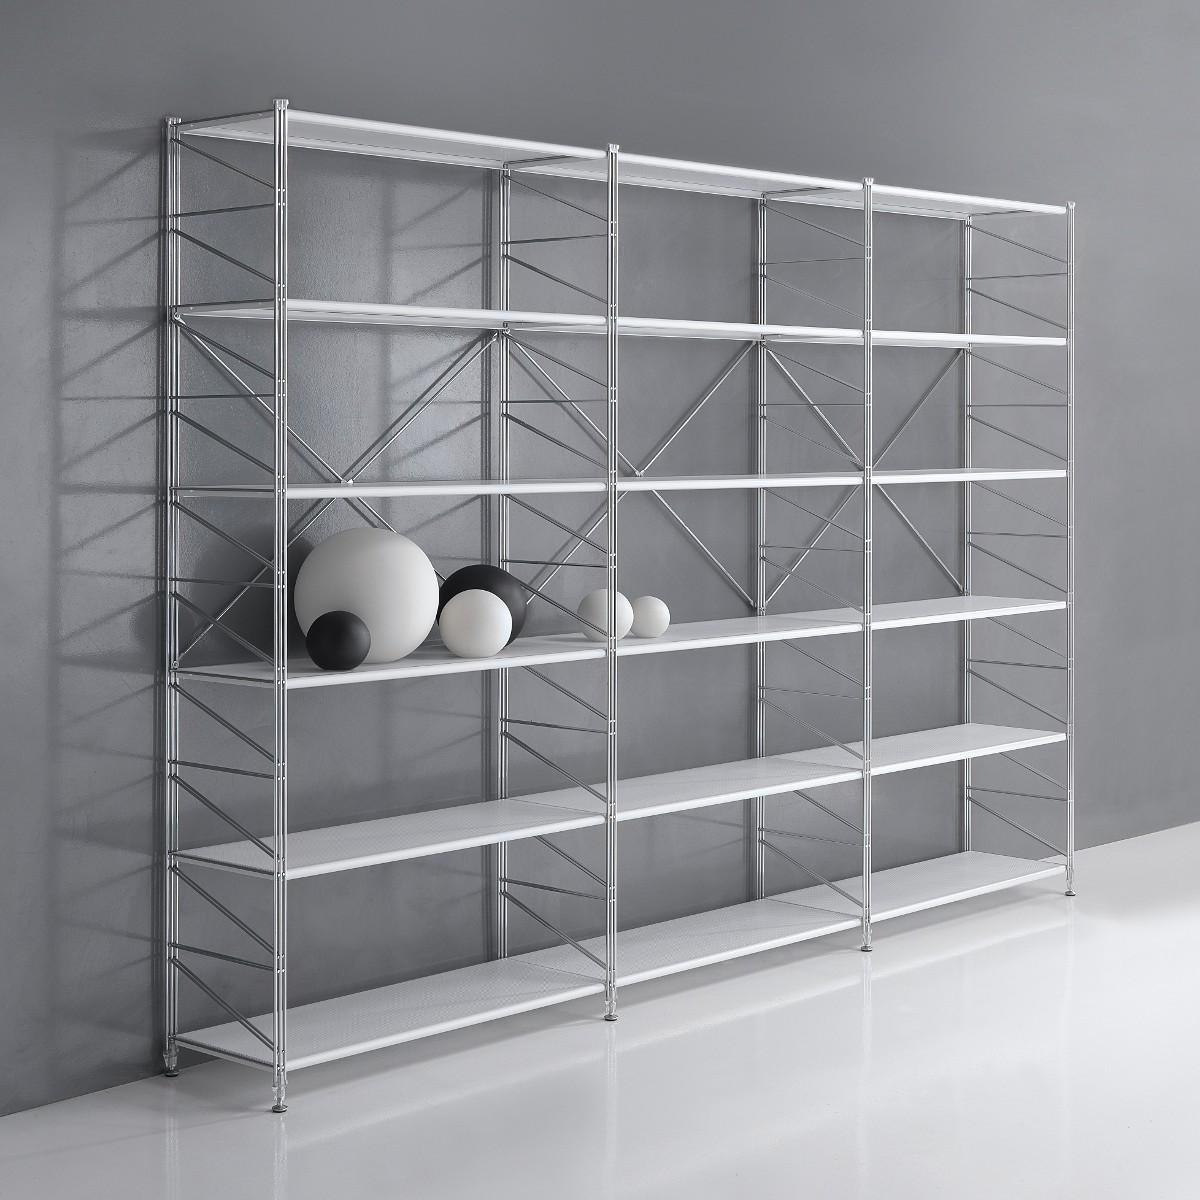 Librerie componibili in acciaio come creare scaffali e scaffalature su misura - Scaffali in metallo ikea ...